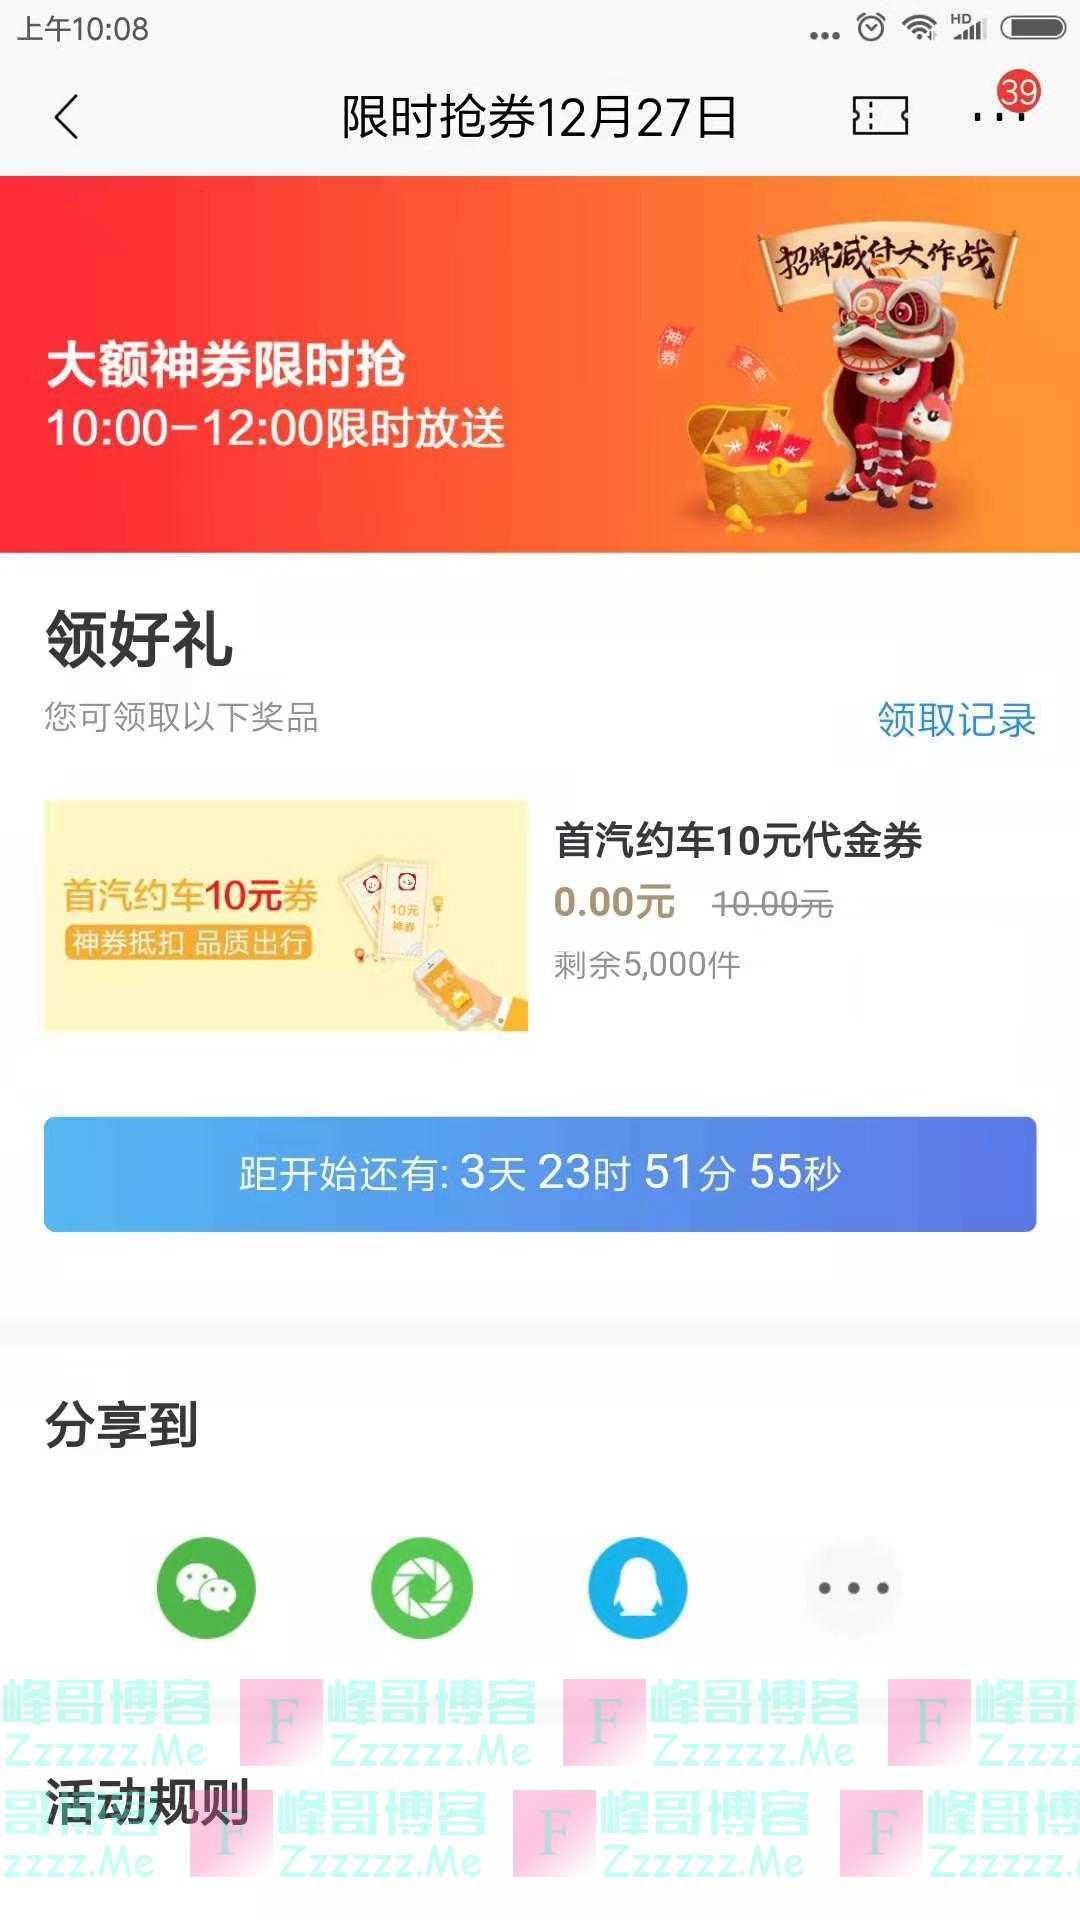 招行12.27抢首约汽车10元代金券(截止12月27日)